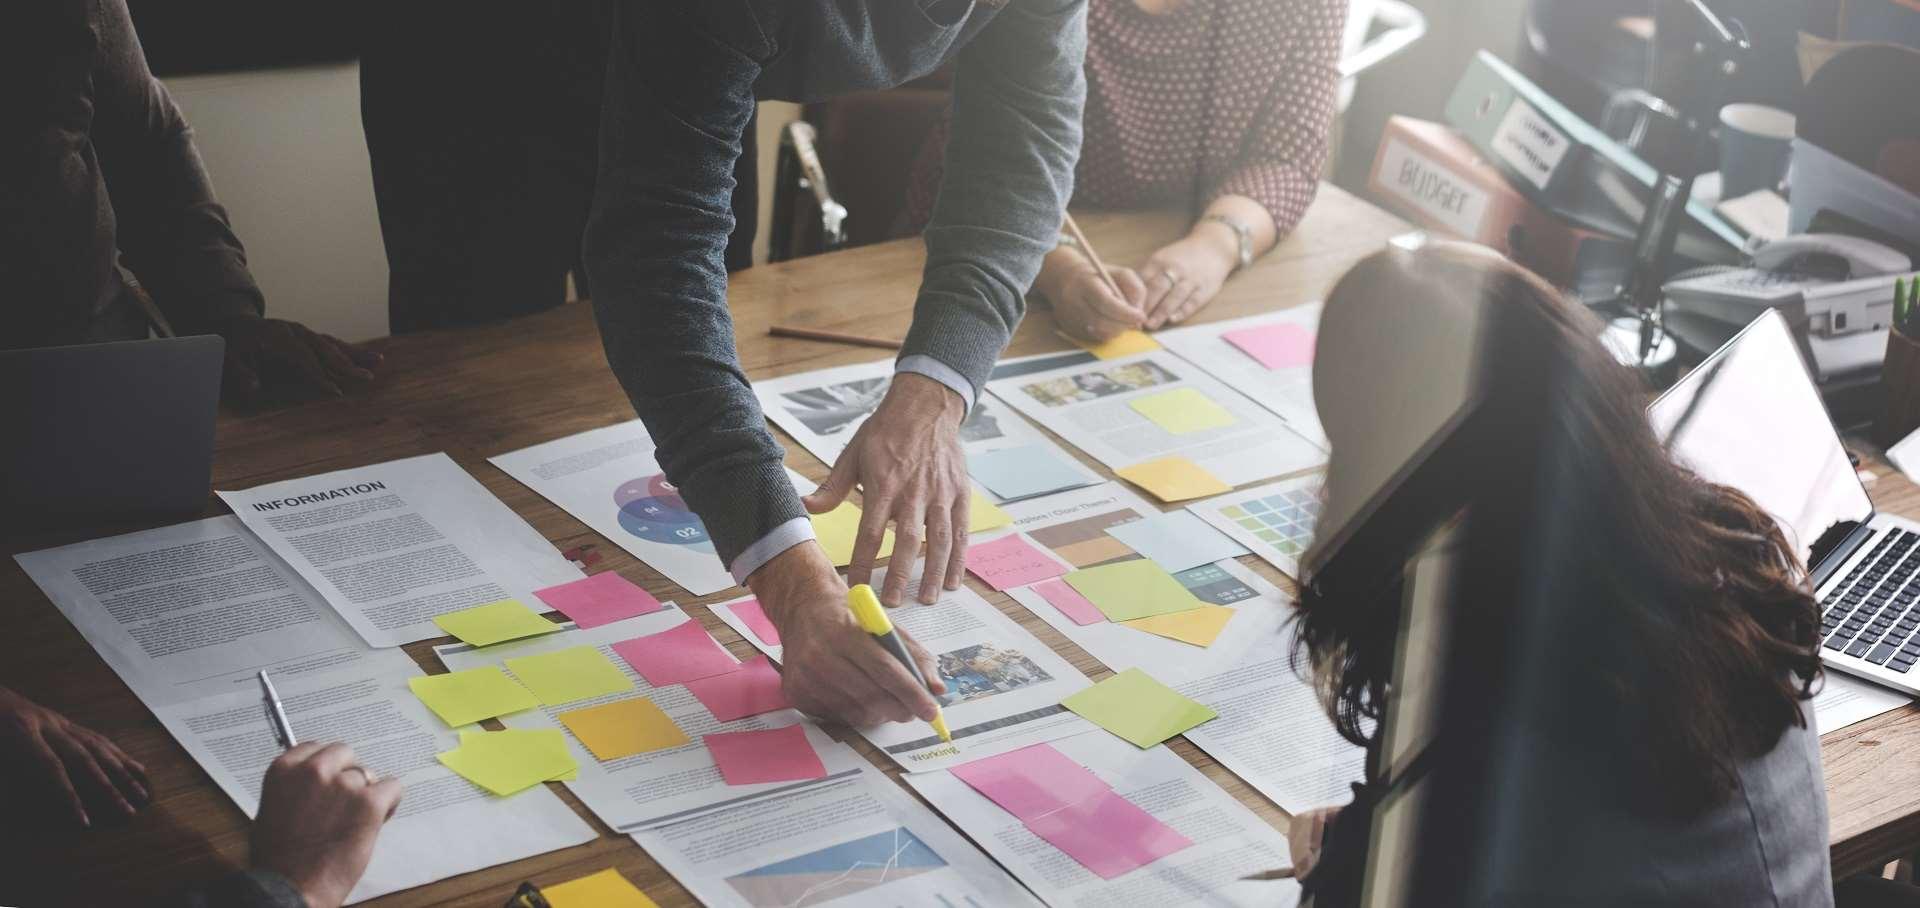 Analiza wskaźnikowa przedsiębiorstwa – wskaźniki rentowności